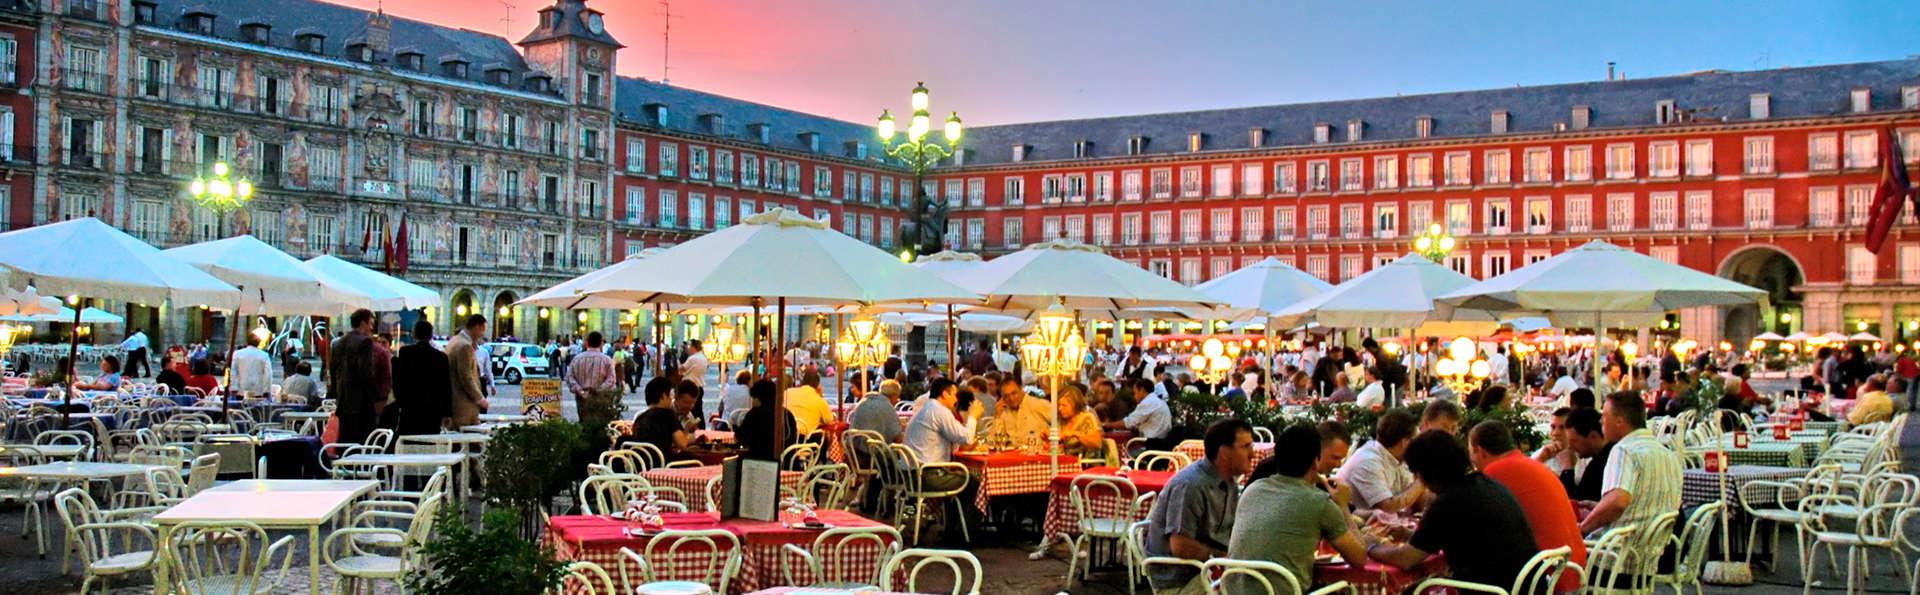 Gran Hotel Attica21 las Rozas - EDIT_destination2.jpg